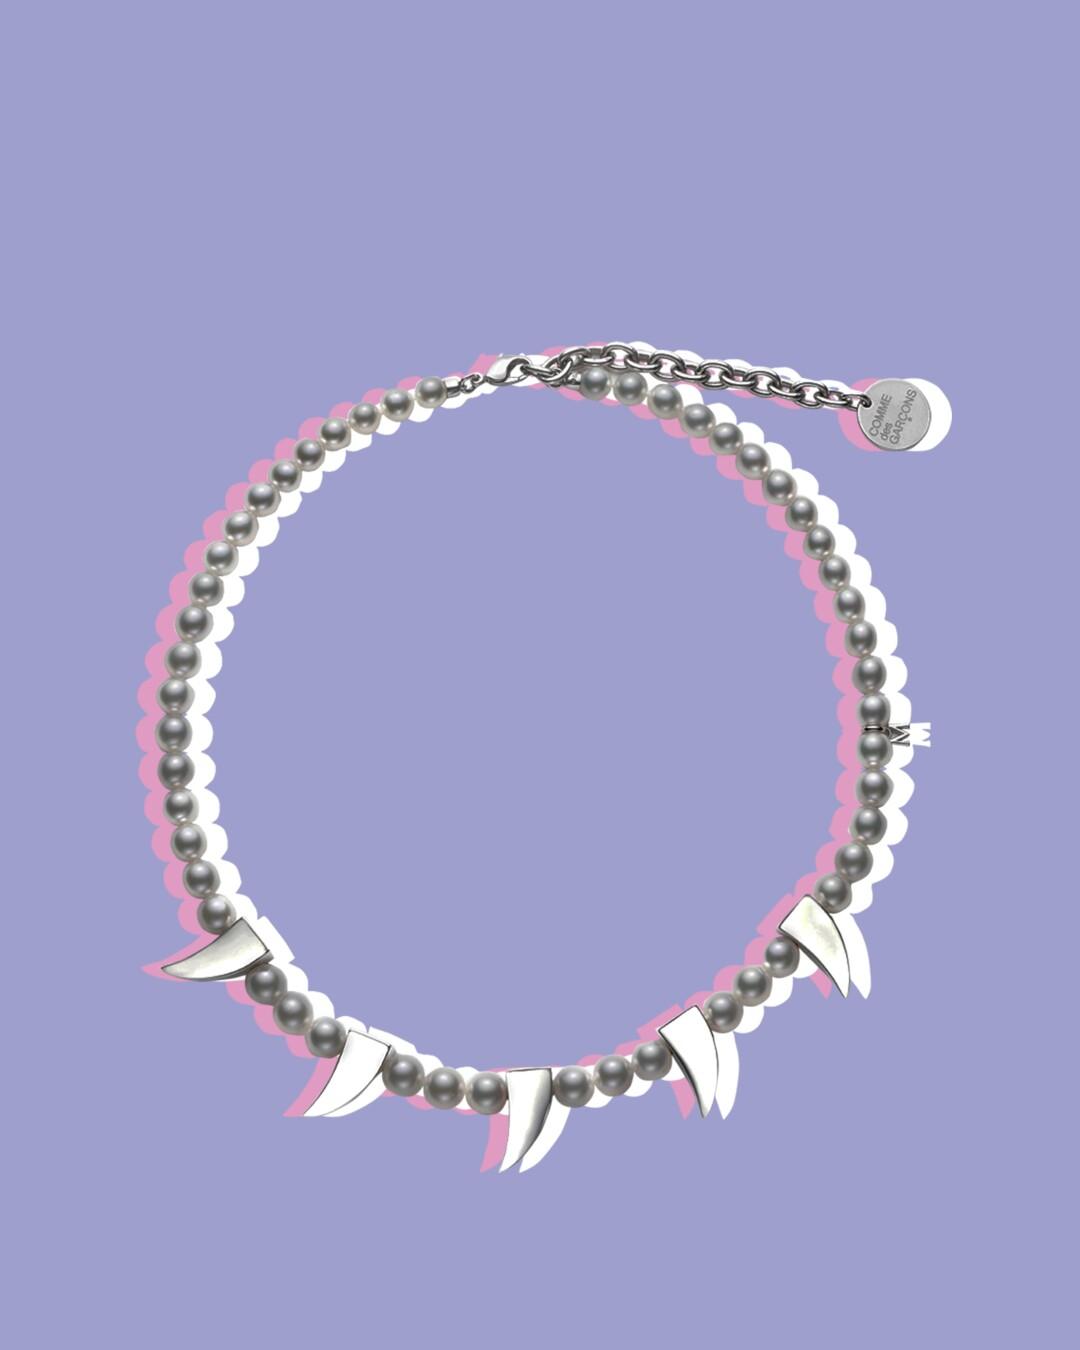 Comme des Garçons X Mikimoto pearl necklace